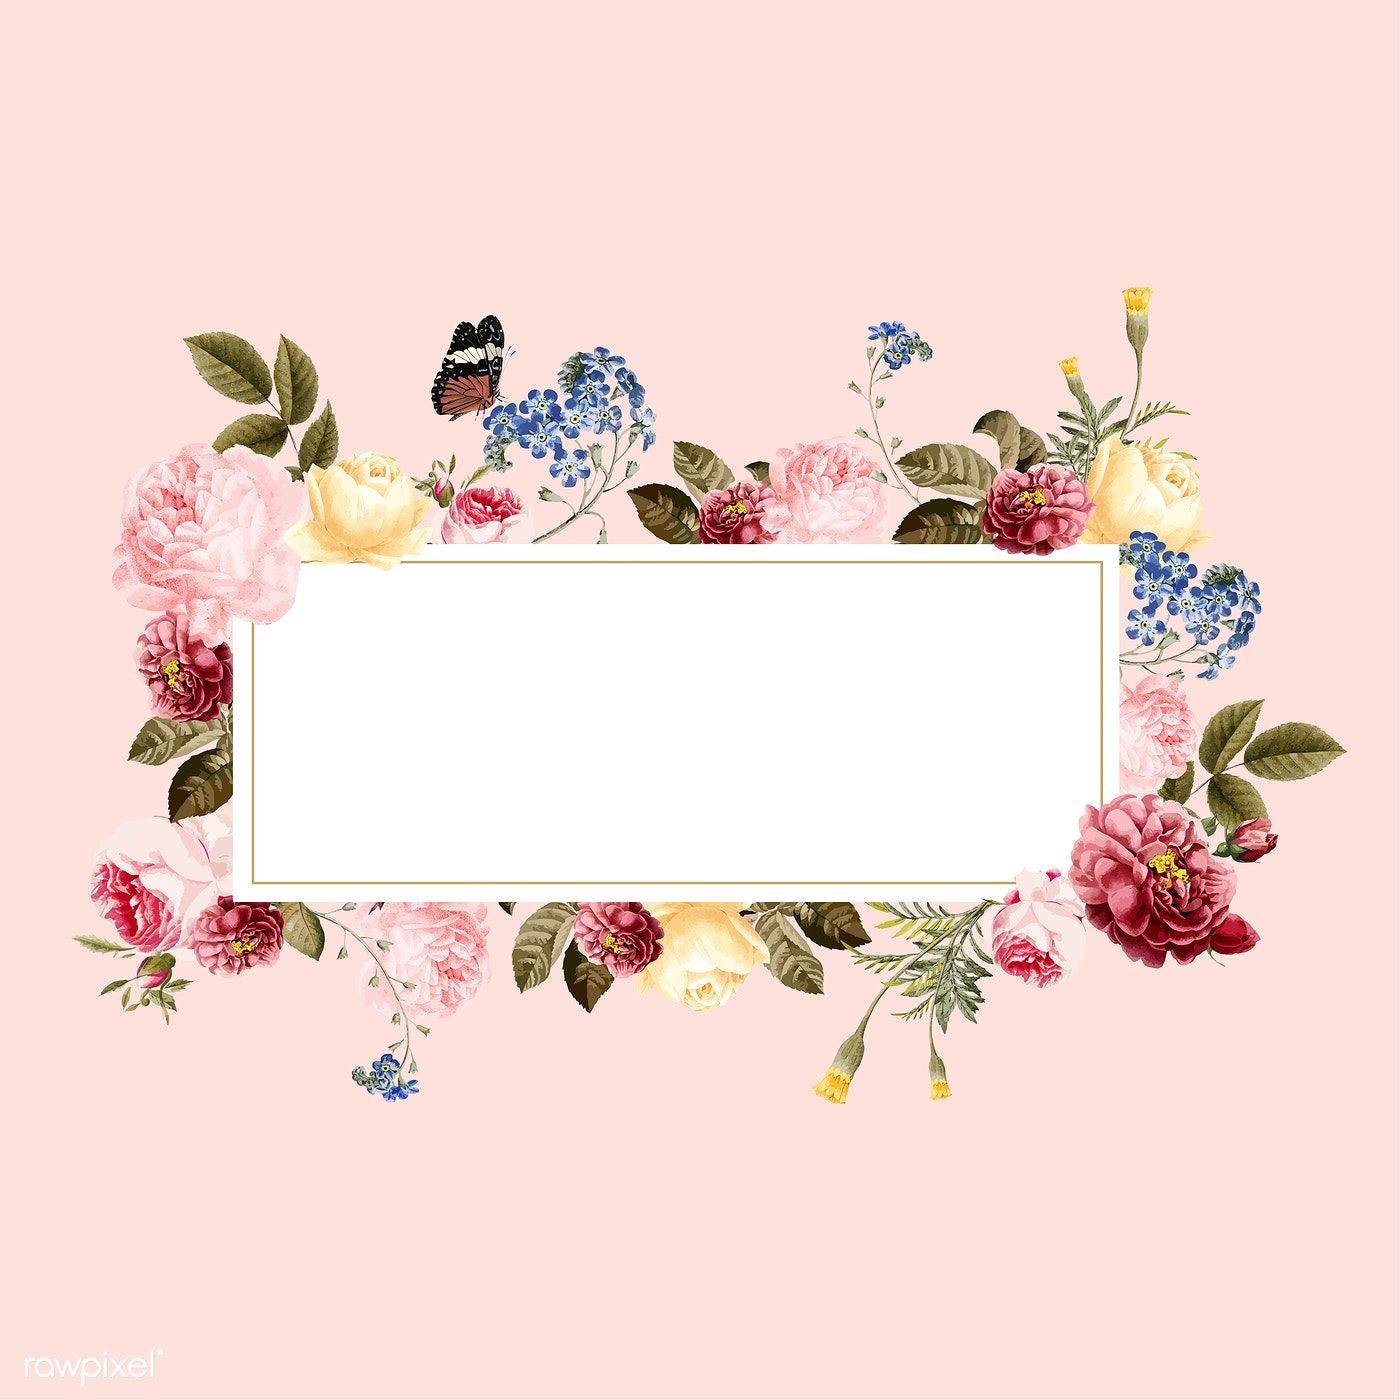 Download Premium Vector Of Blank Floral Frame Card Illustration 471730 Card Illustration Floral Graphic Design Free Illustrations